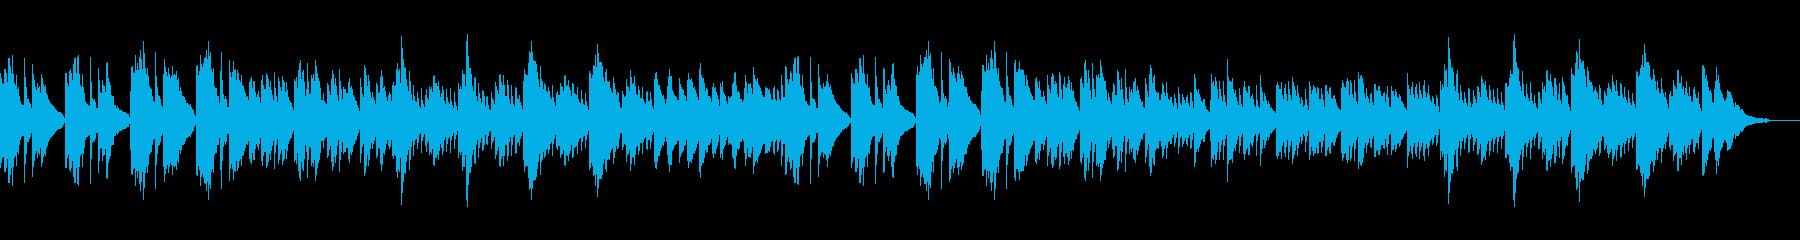 ゆったり流れる癒しのピアノソロの再生済みの波形